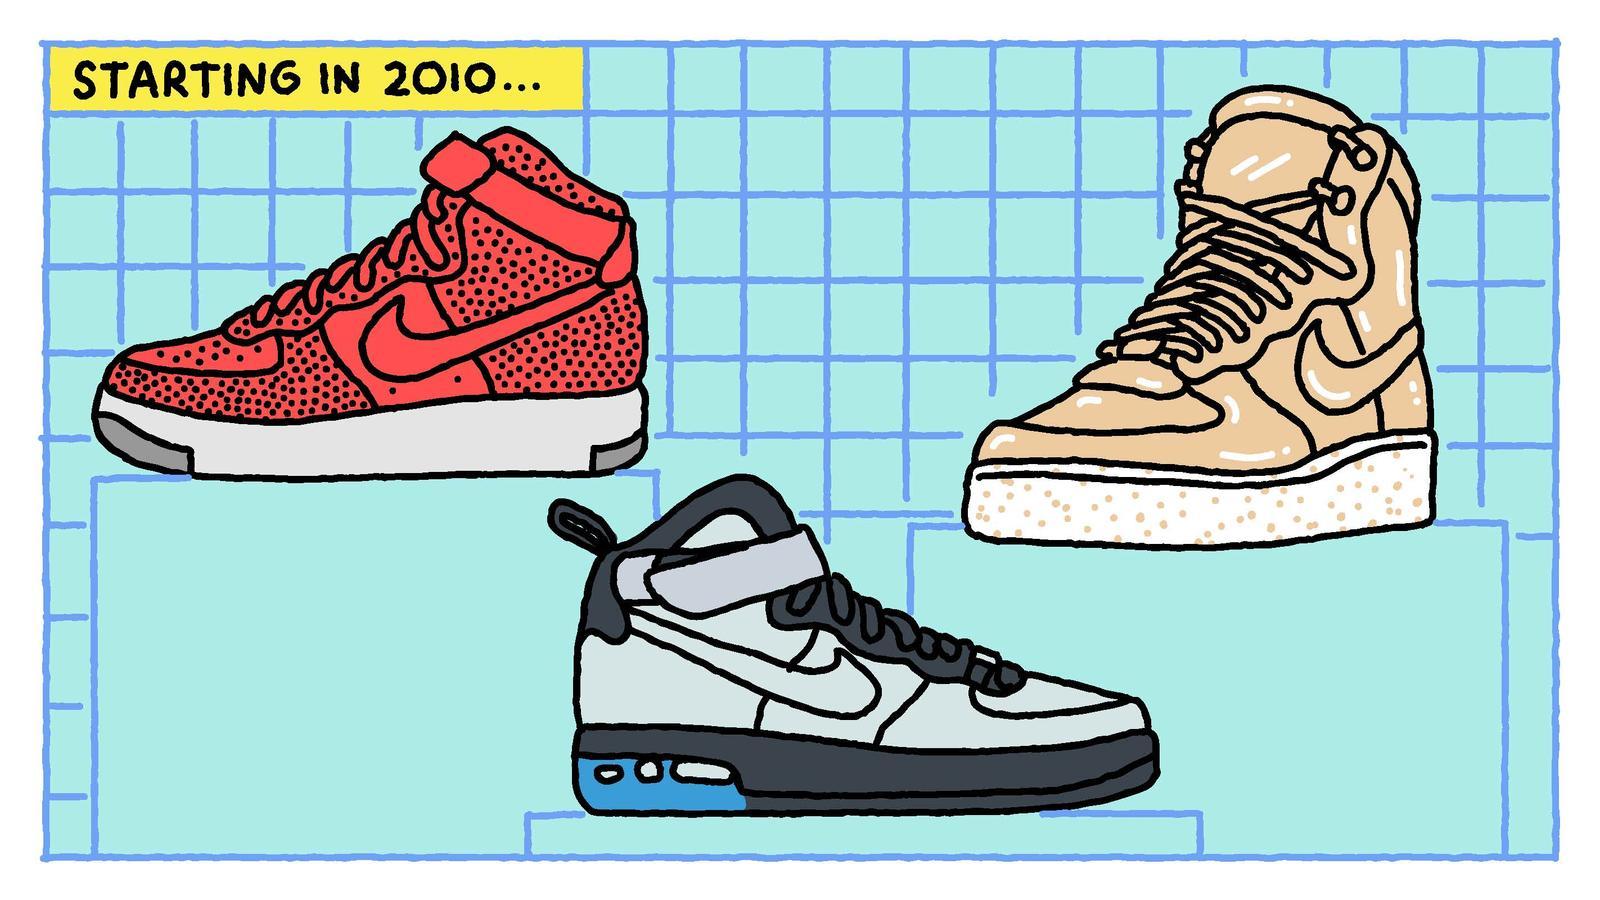 new concept 5d5c2 90ce8 12 illustrazioni raccontano la storia delle Nike Air Force 1  Collater.al 9